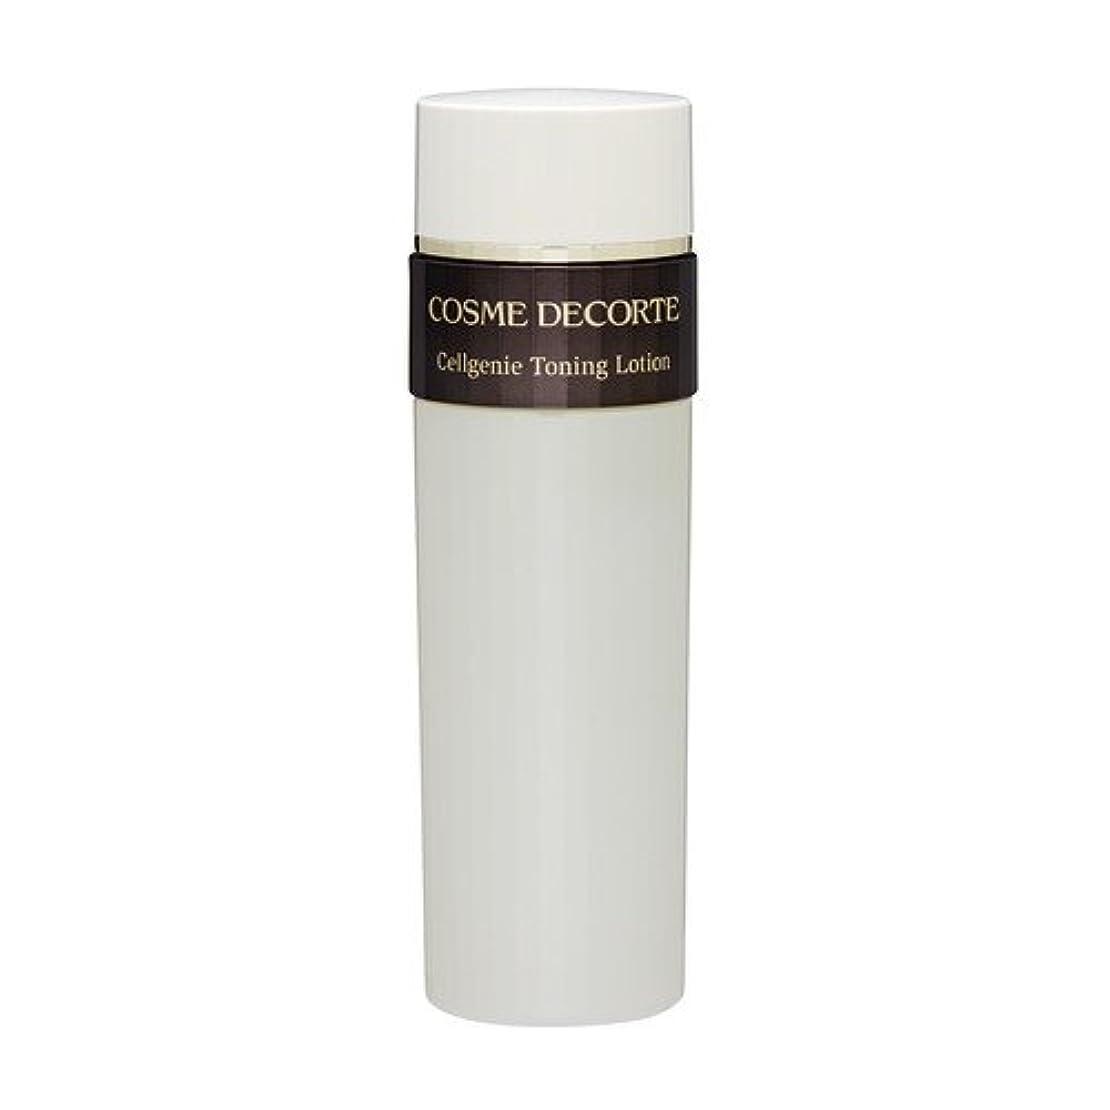 方法デンプシー防腐剤COSME DECORTE コーセー/KOSE セルジェニートーニングローション 200ml [362862] [並行輸入品]